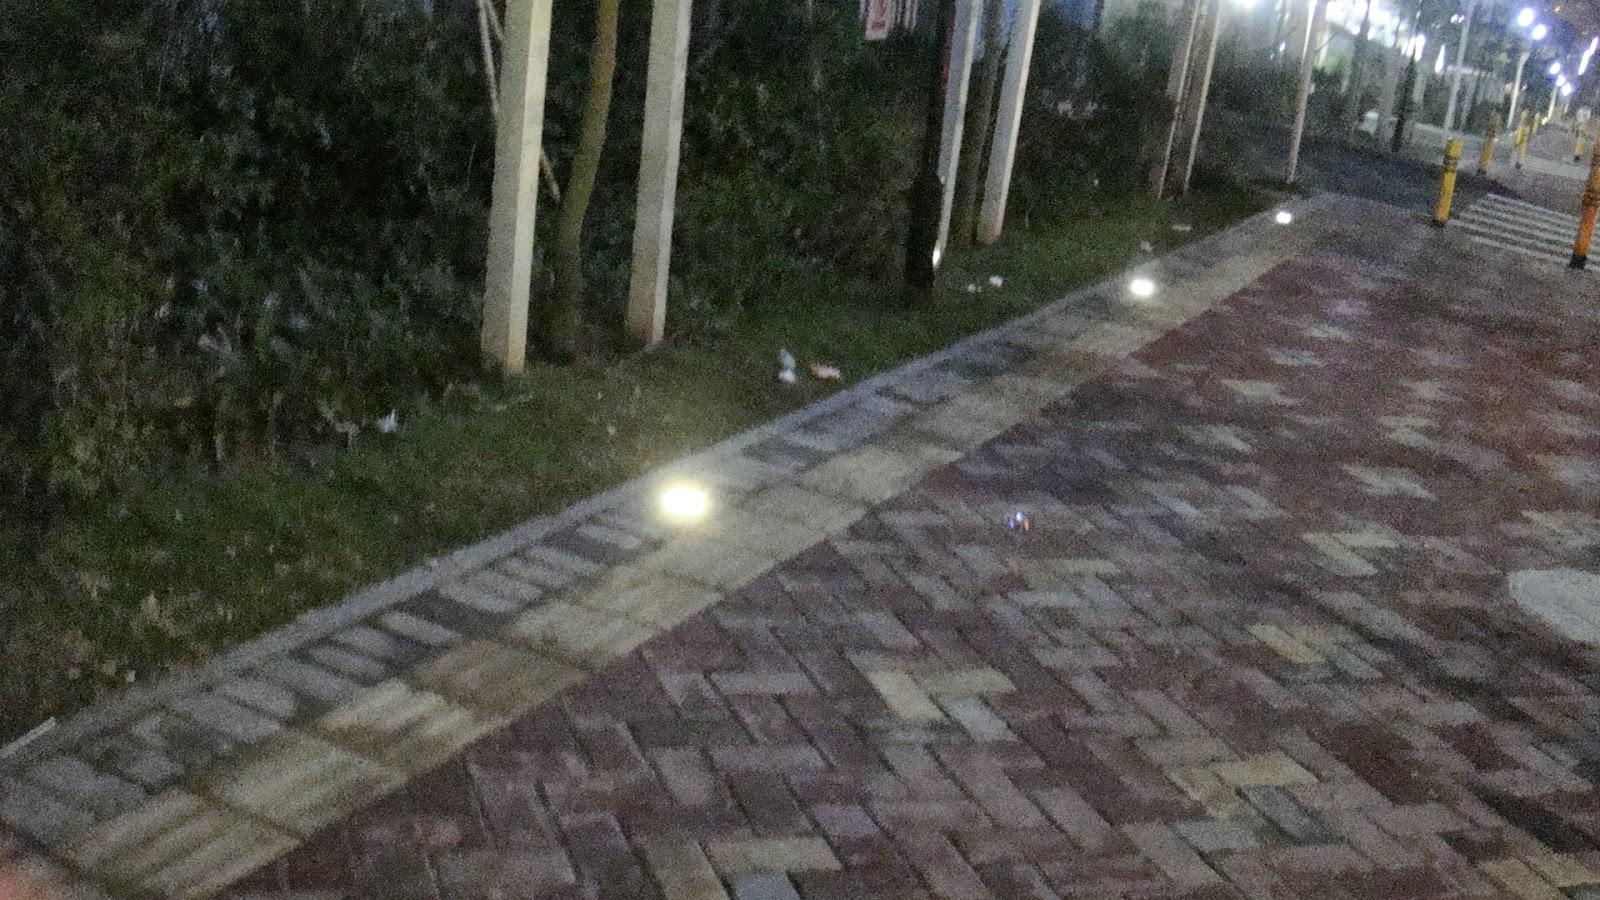 Faretti a led come installarli sul vialetto e come sceglierli